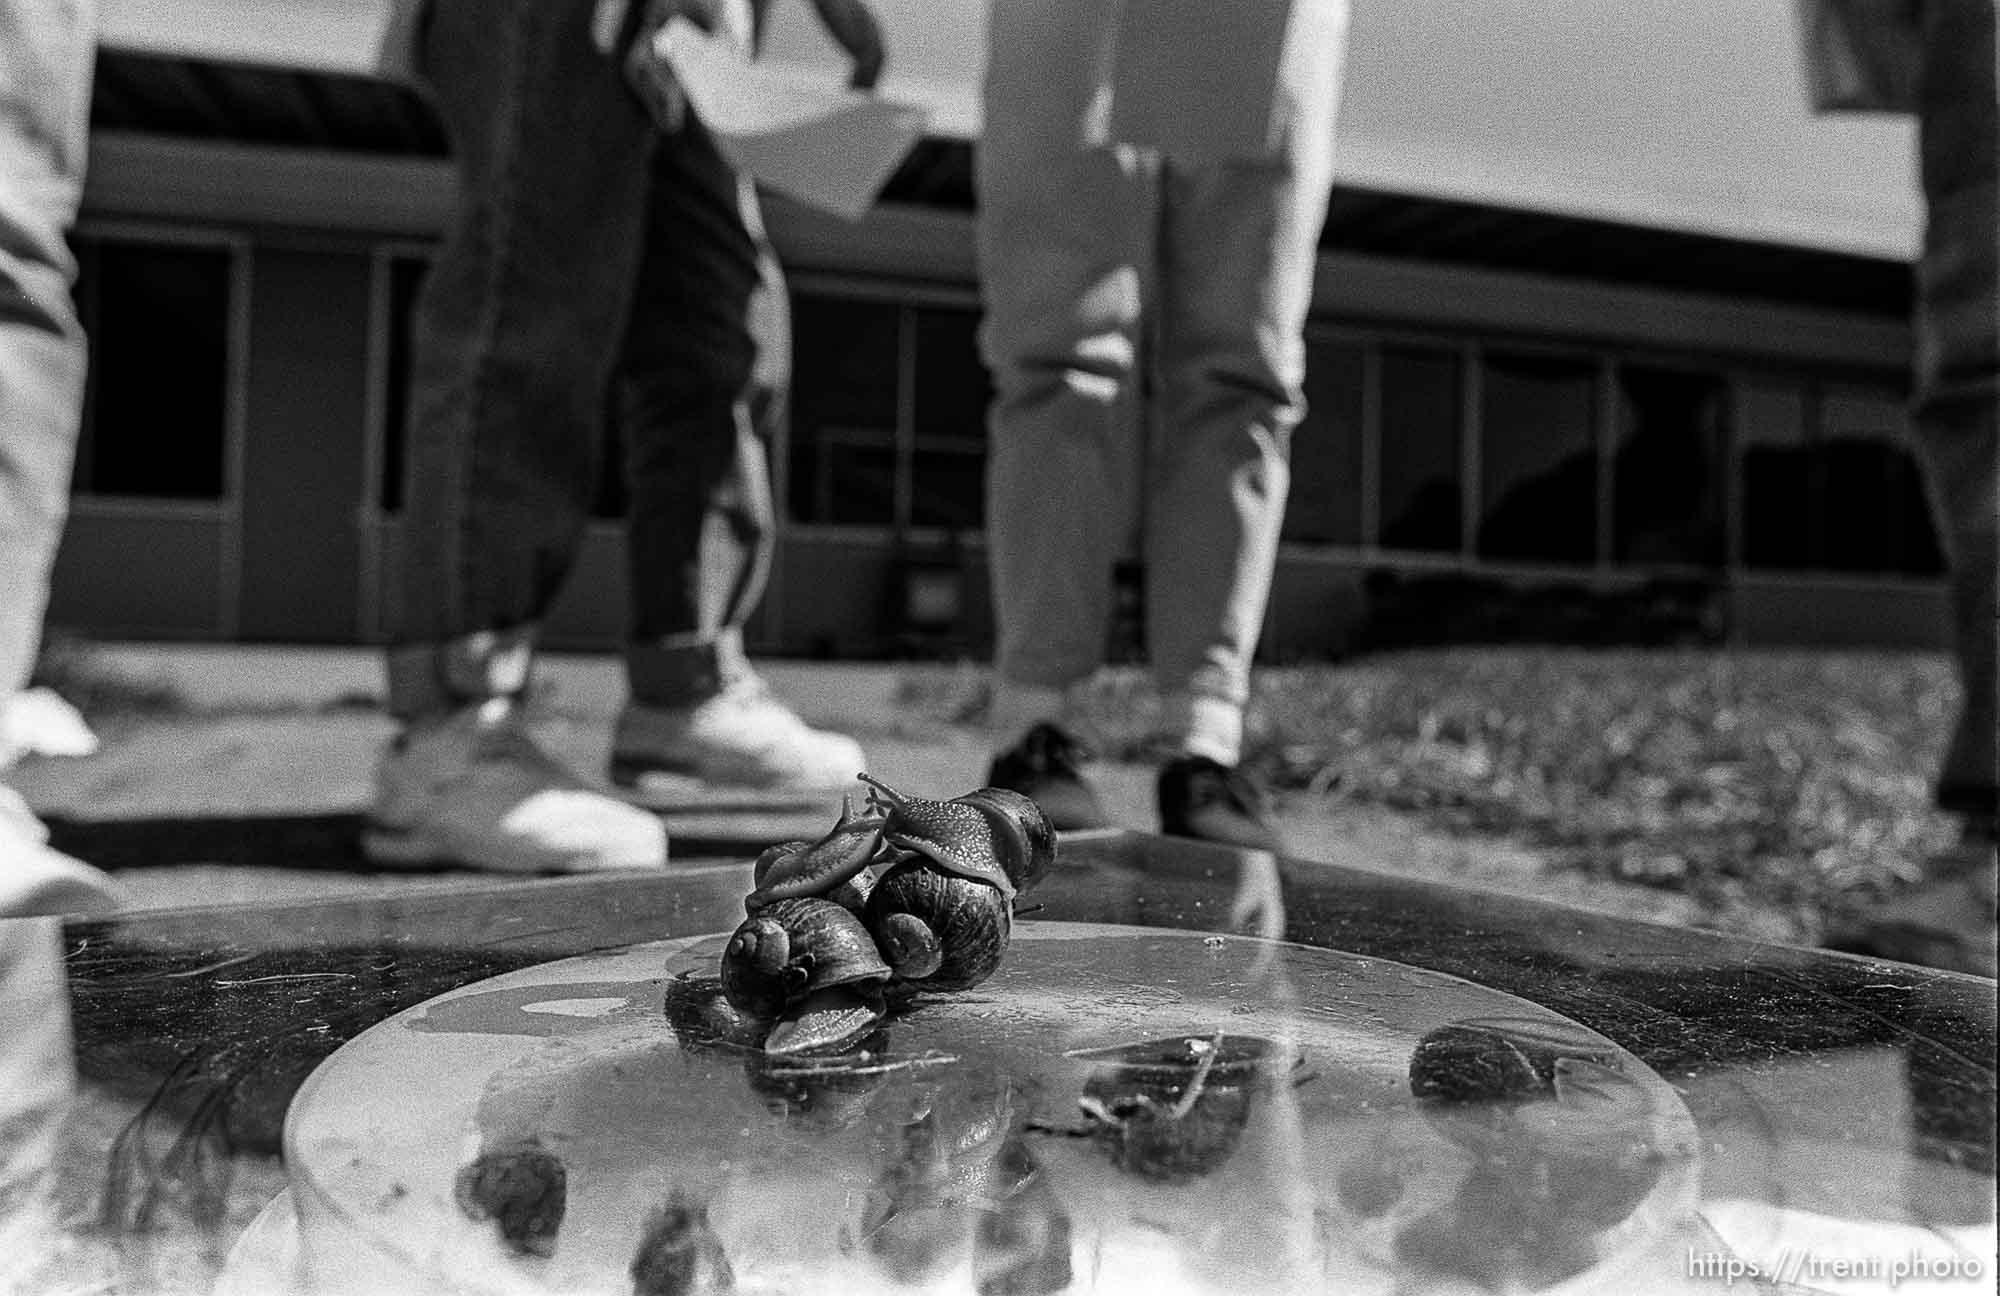 Snail race gone awry